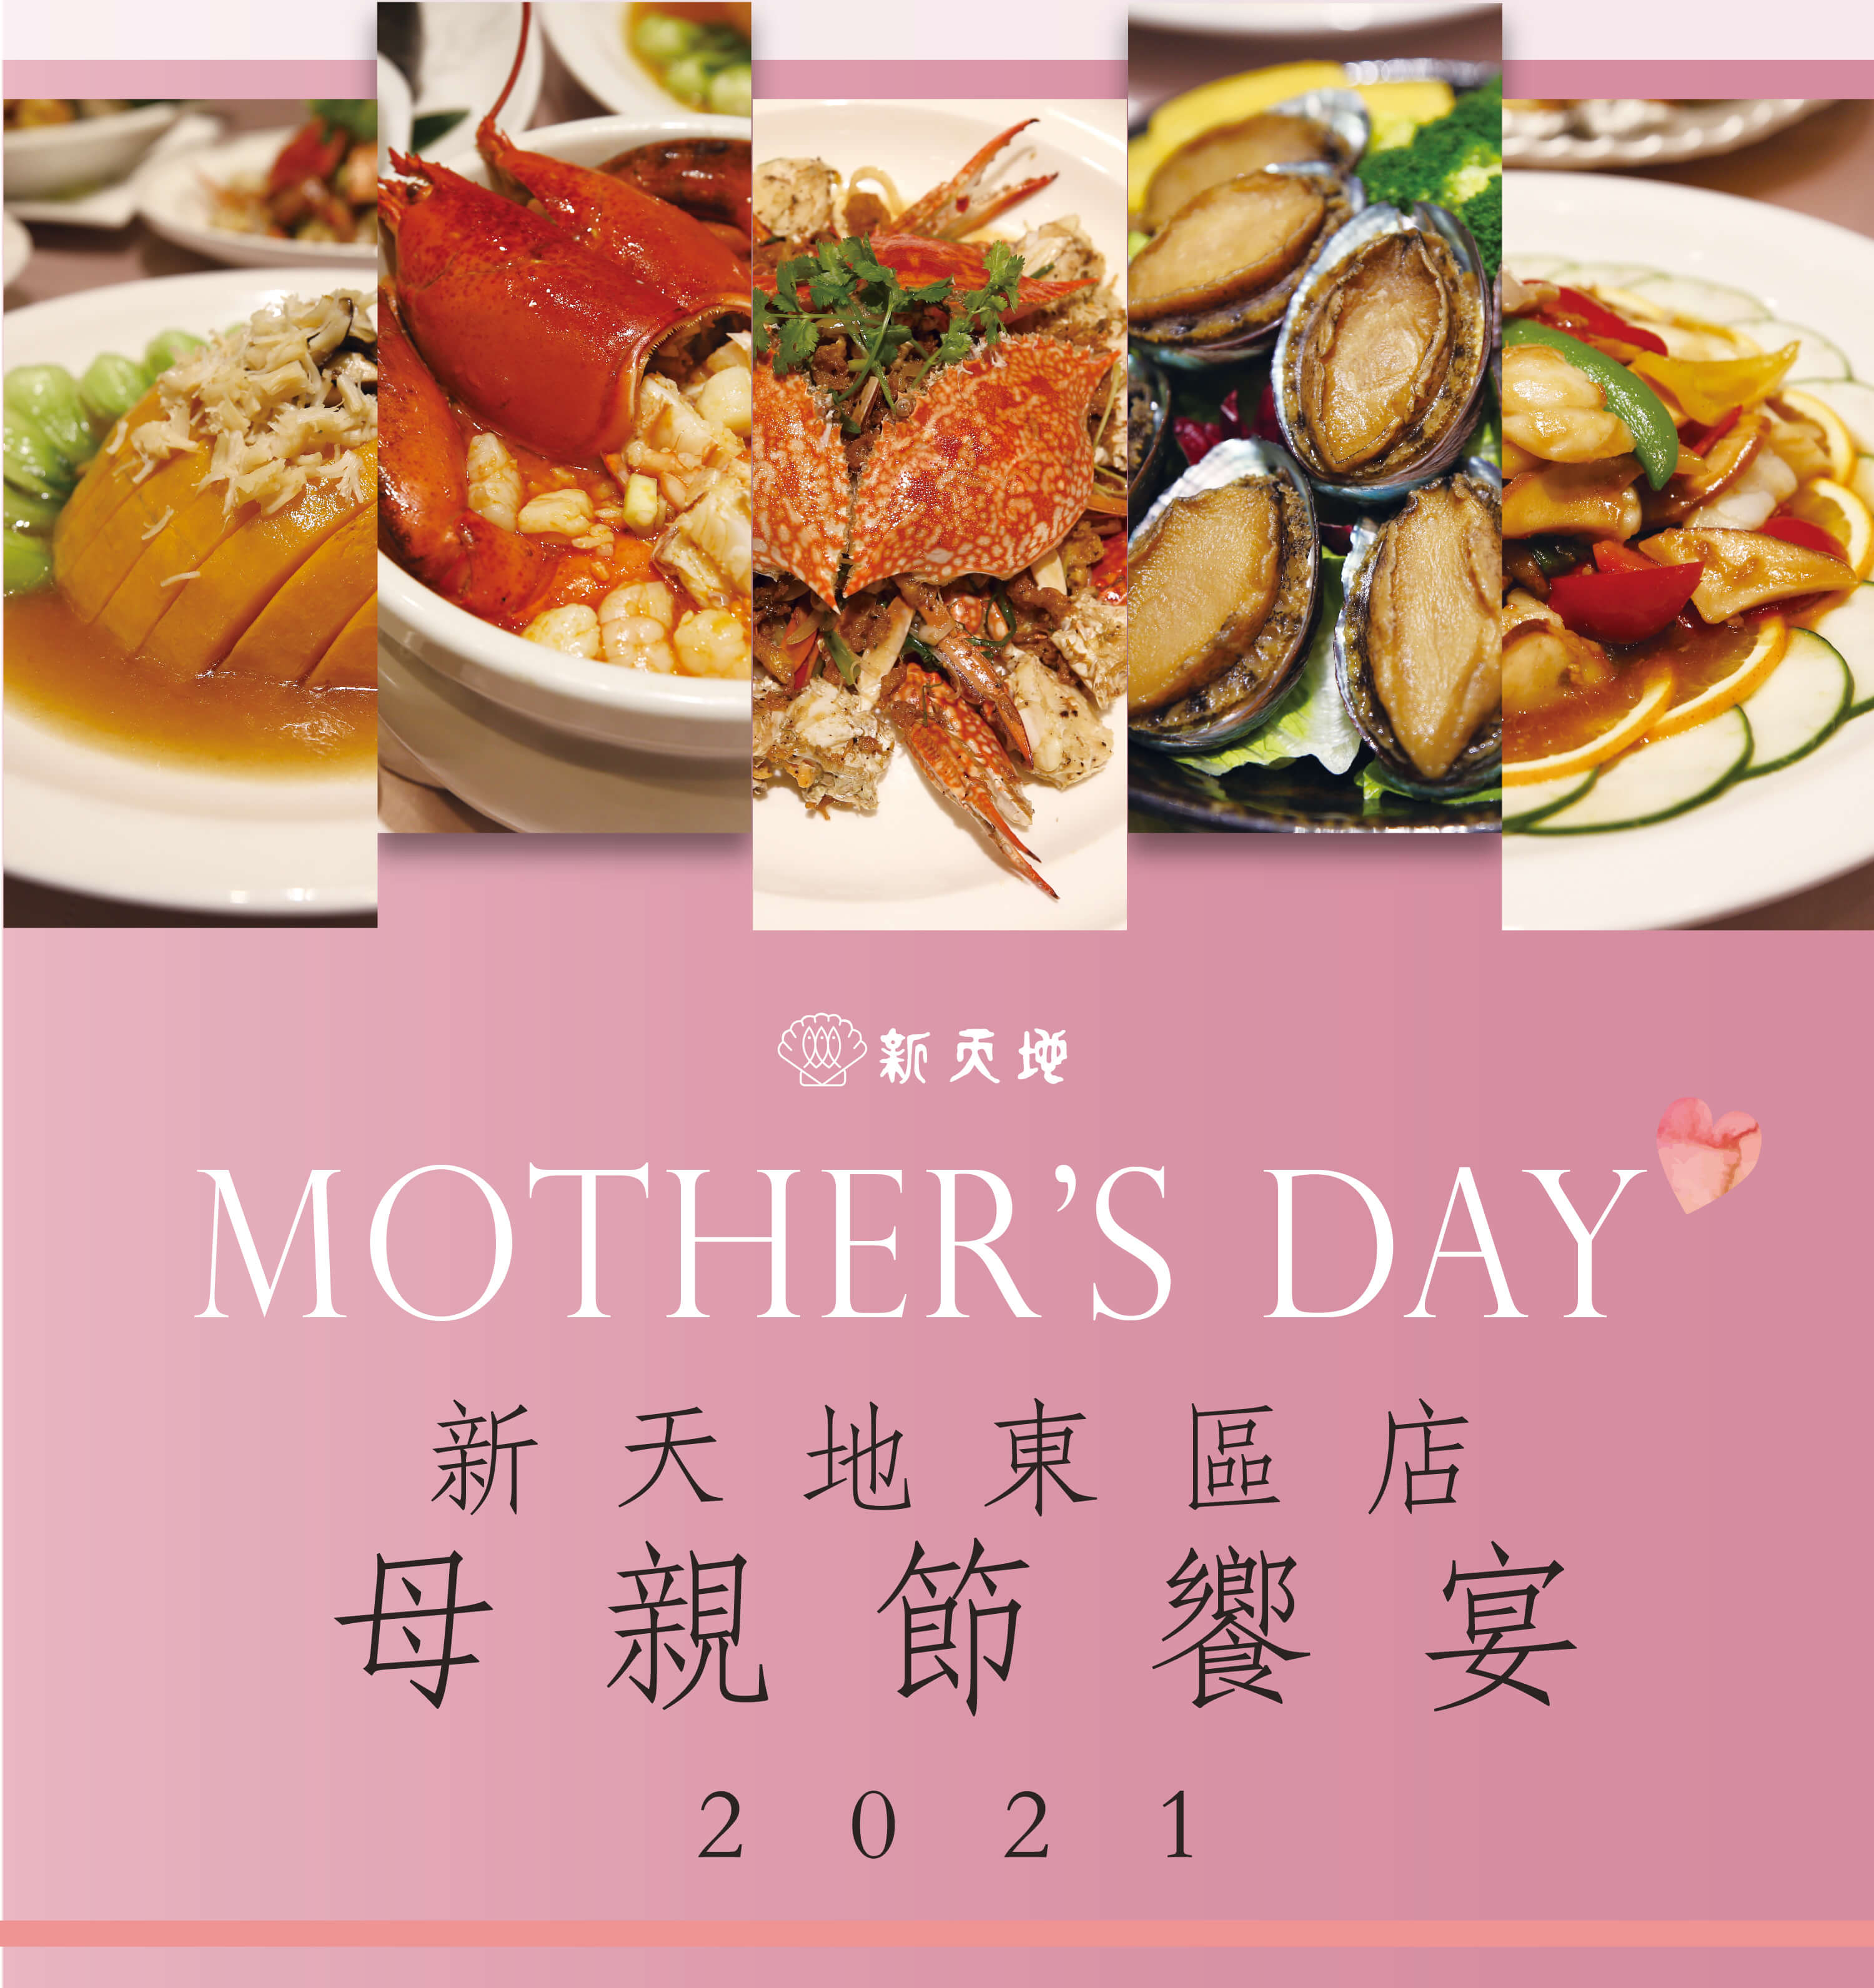 東區店 2021母親節家庭聚餐開放訂位